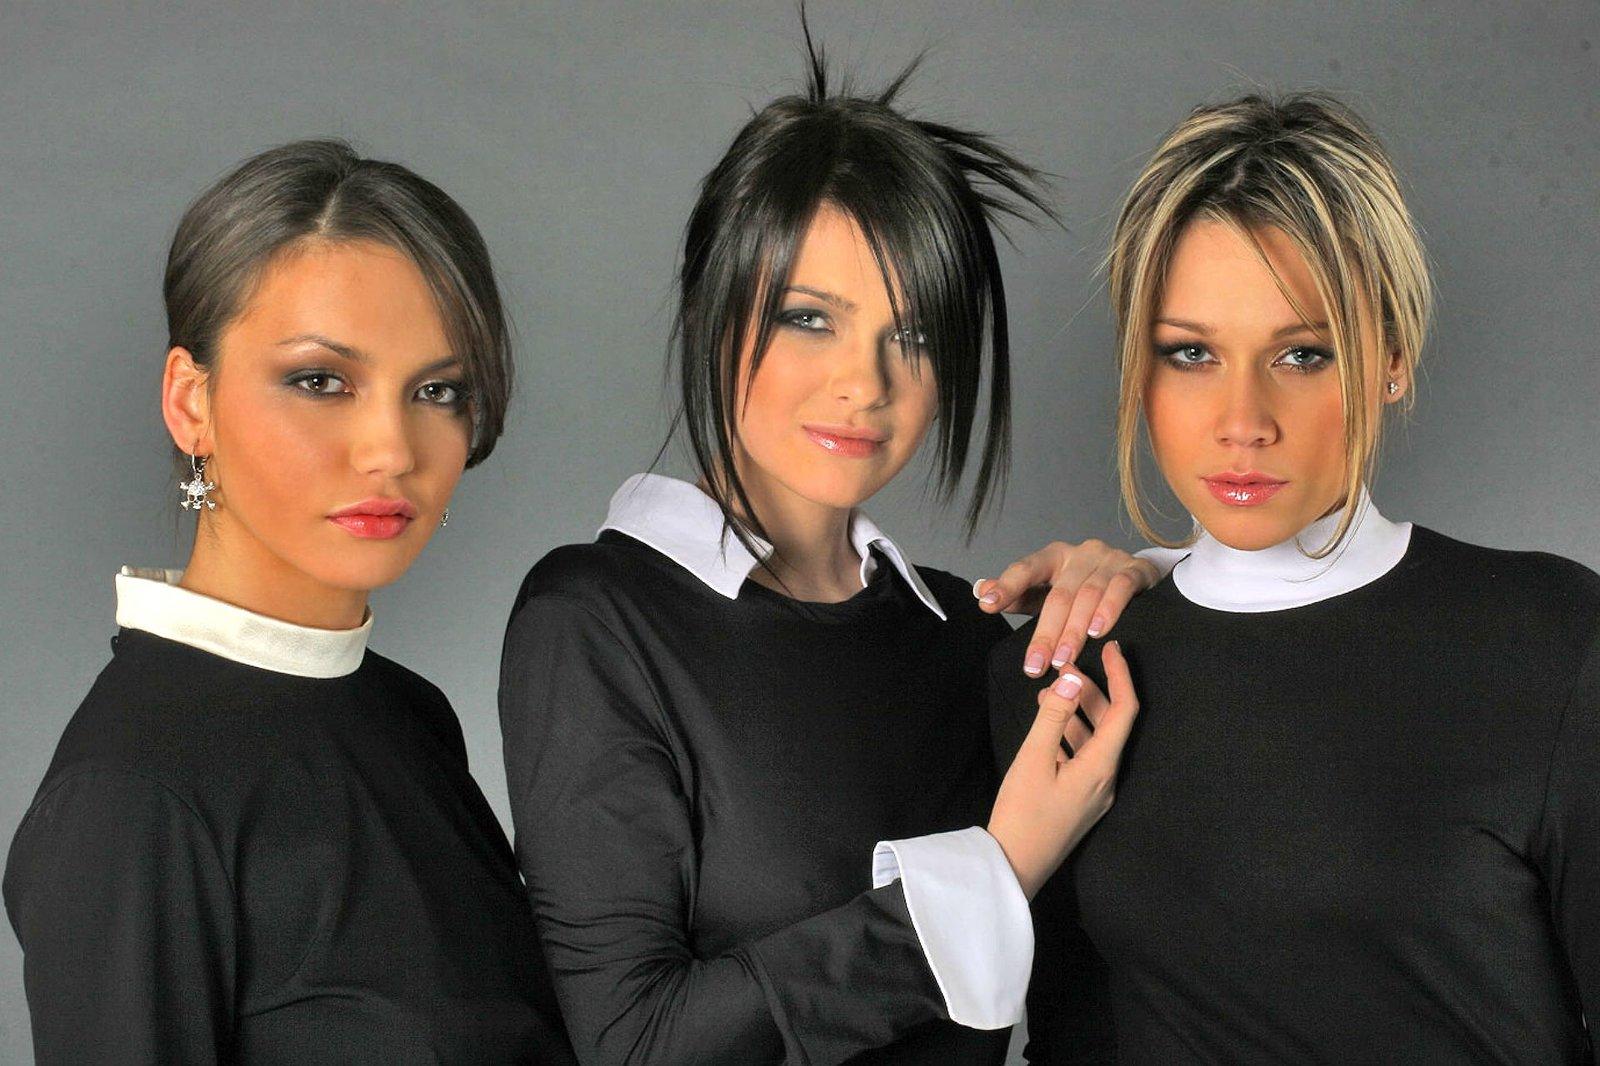 Порно с реальными невысокими девочками россия